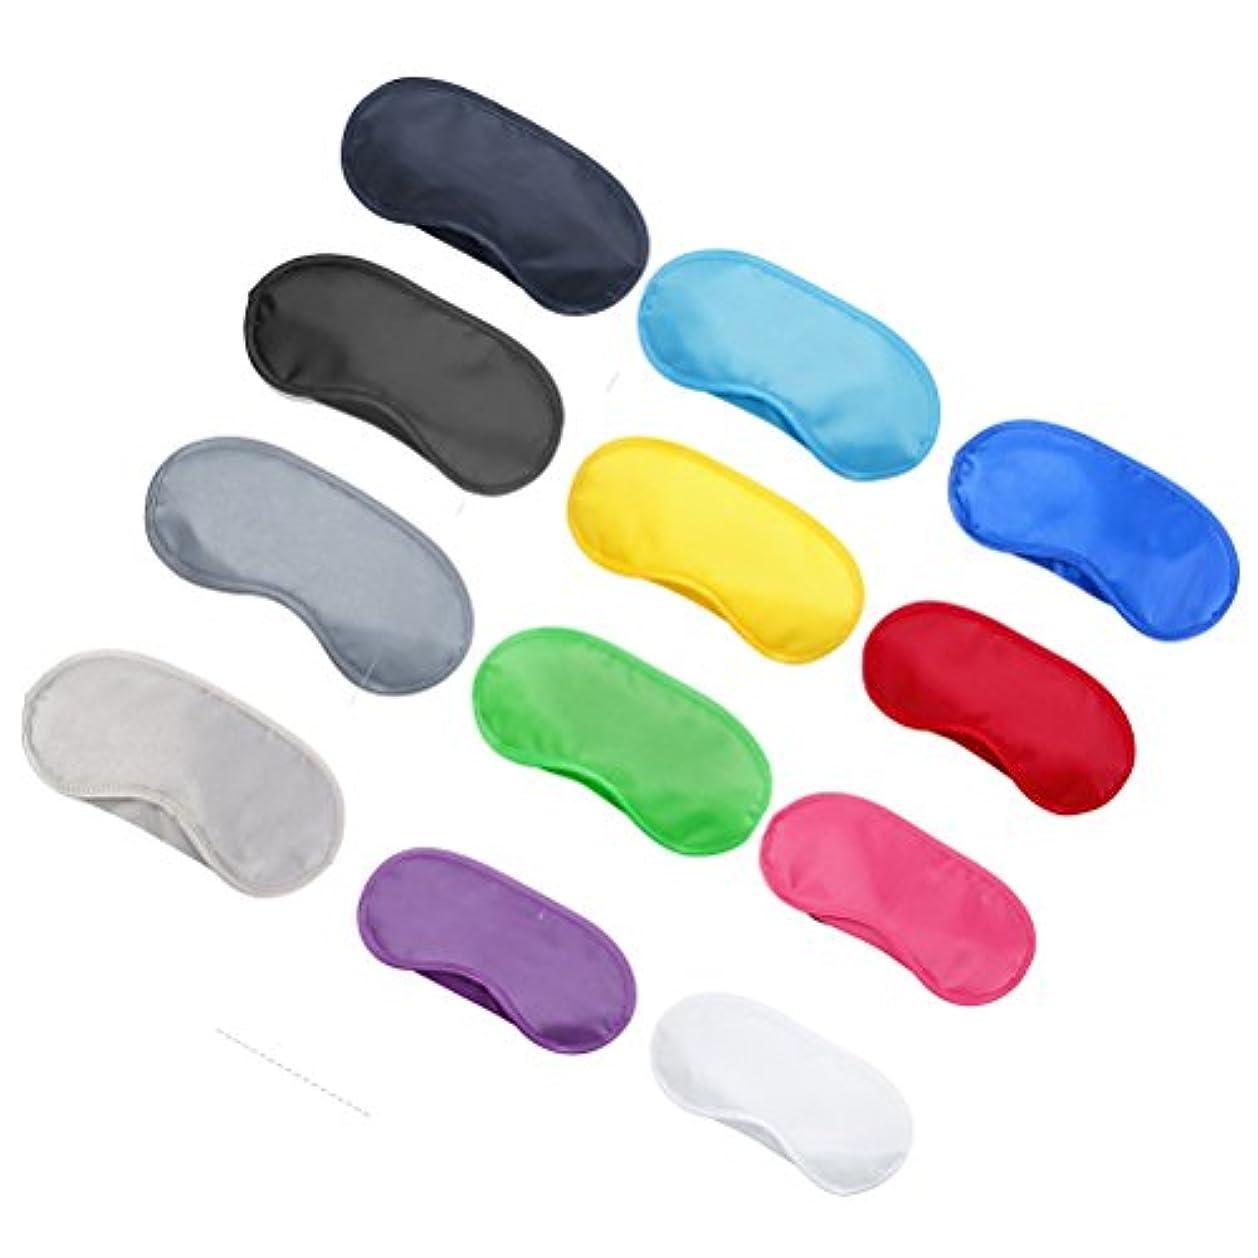 SUPVOX 旅行作業瞑想のためのアイパッチアイシェードカバーを眠っている12本の多色アイマスク